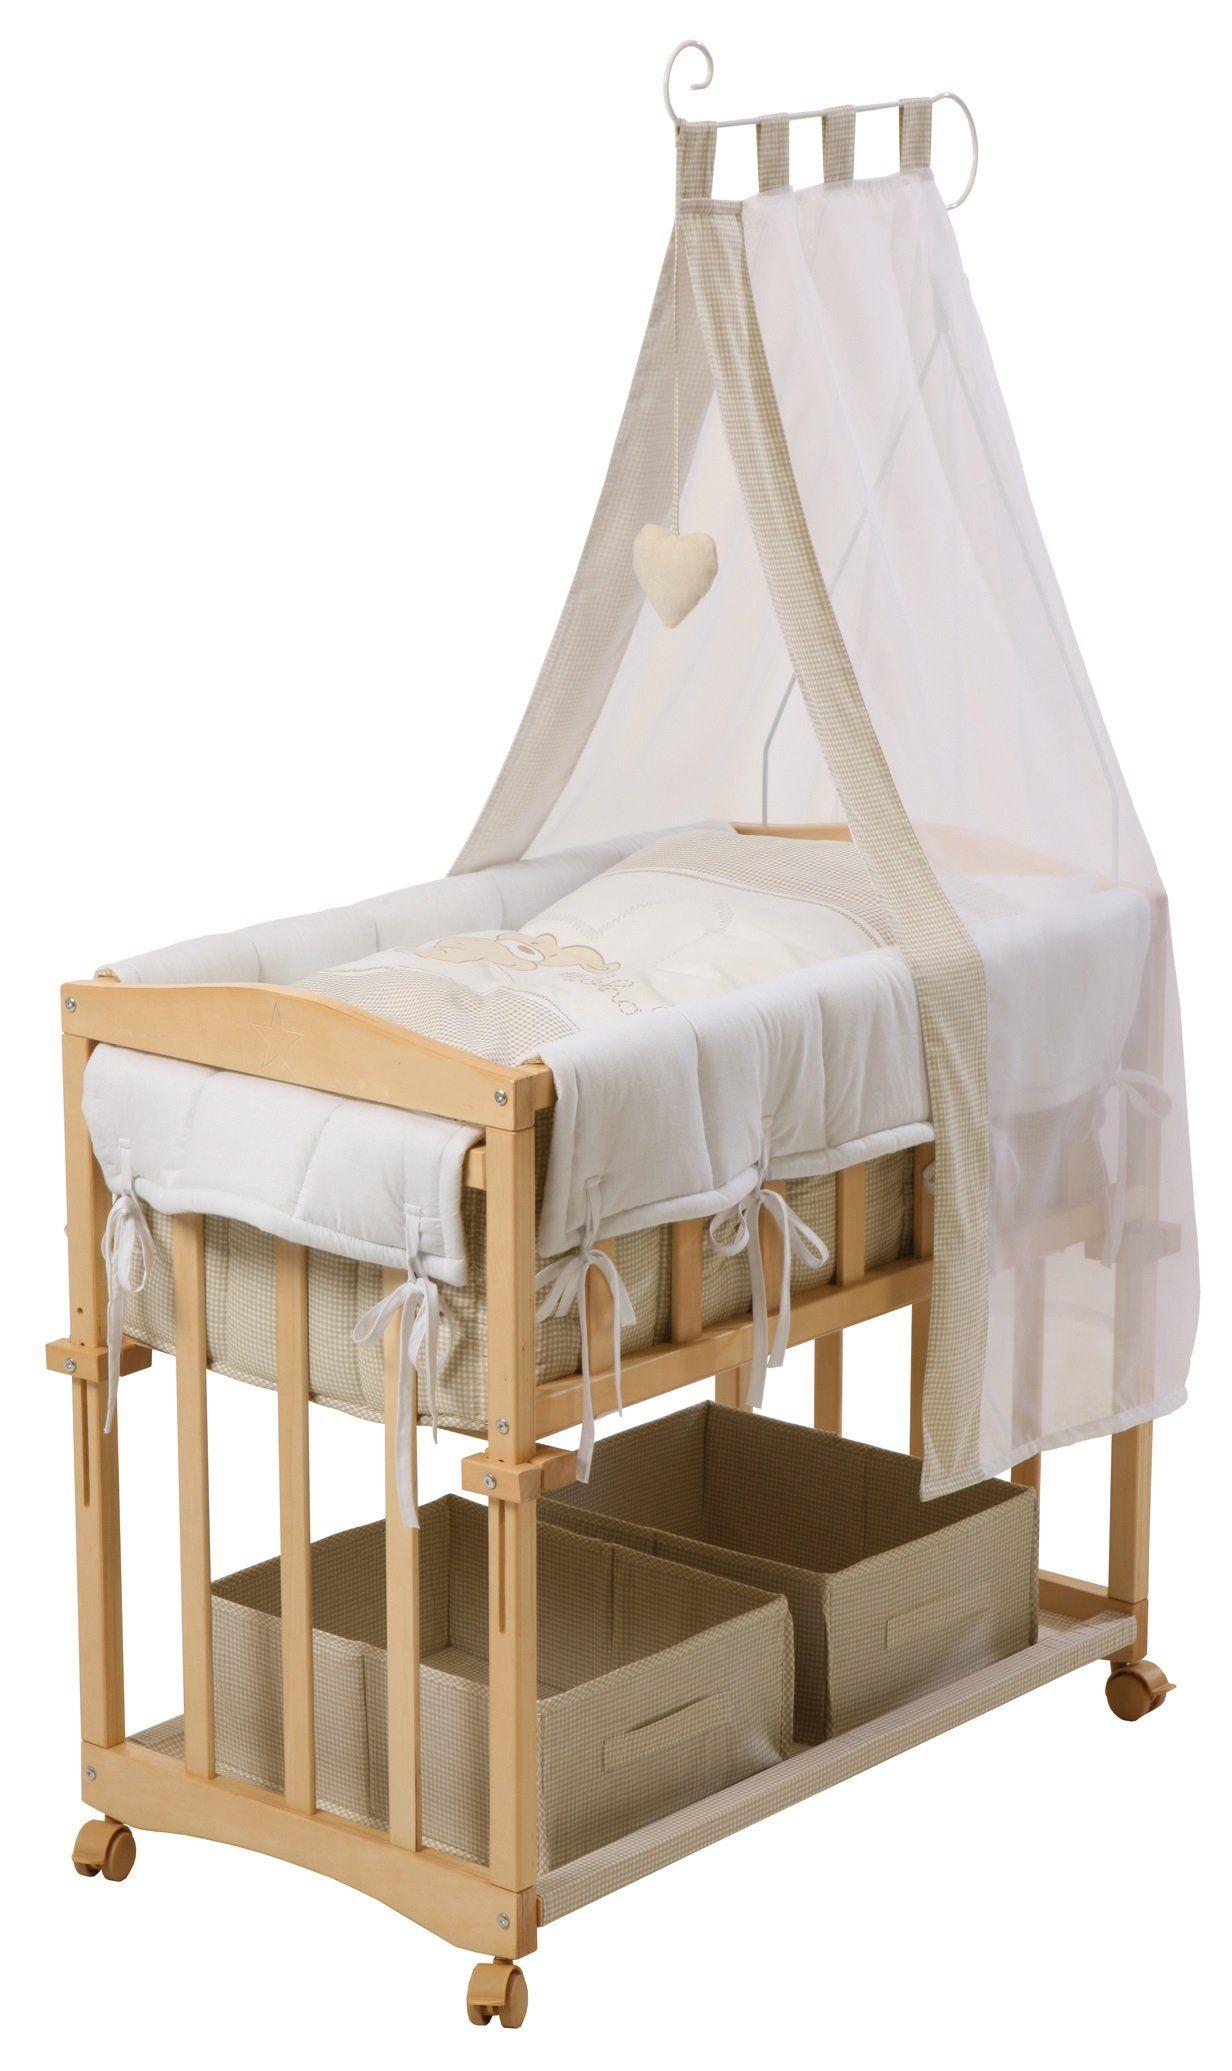 Roba Beistellbett Stubenbett 4 In 1 Liebhab B R Babybett Wiege In 2020 Baby Bed Home Decor Home